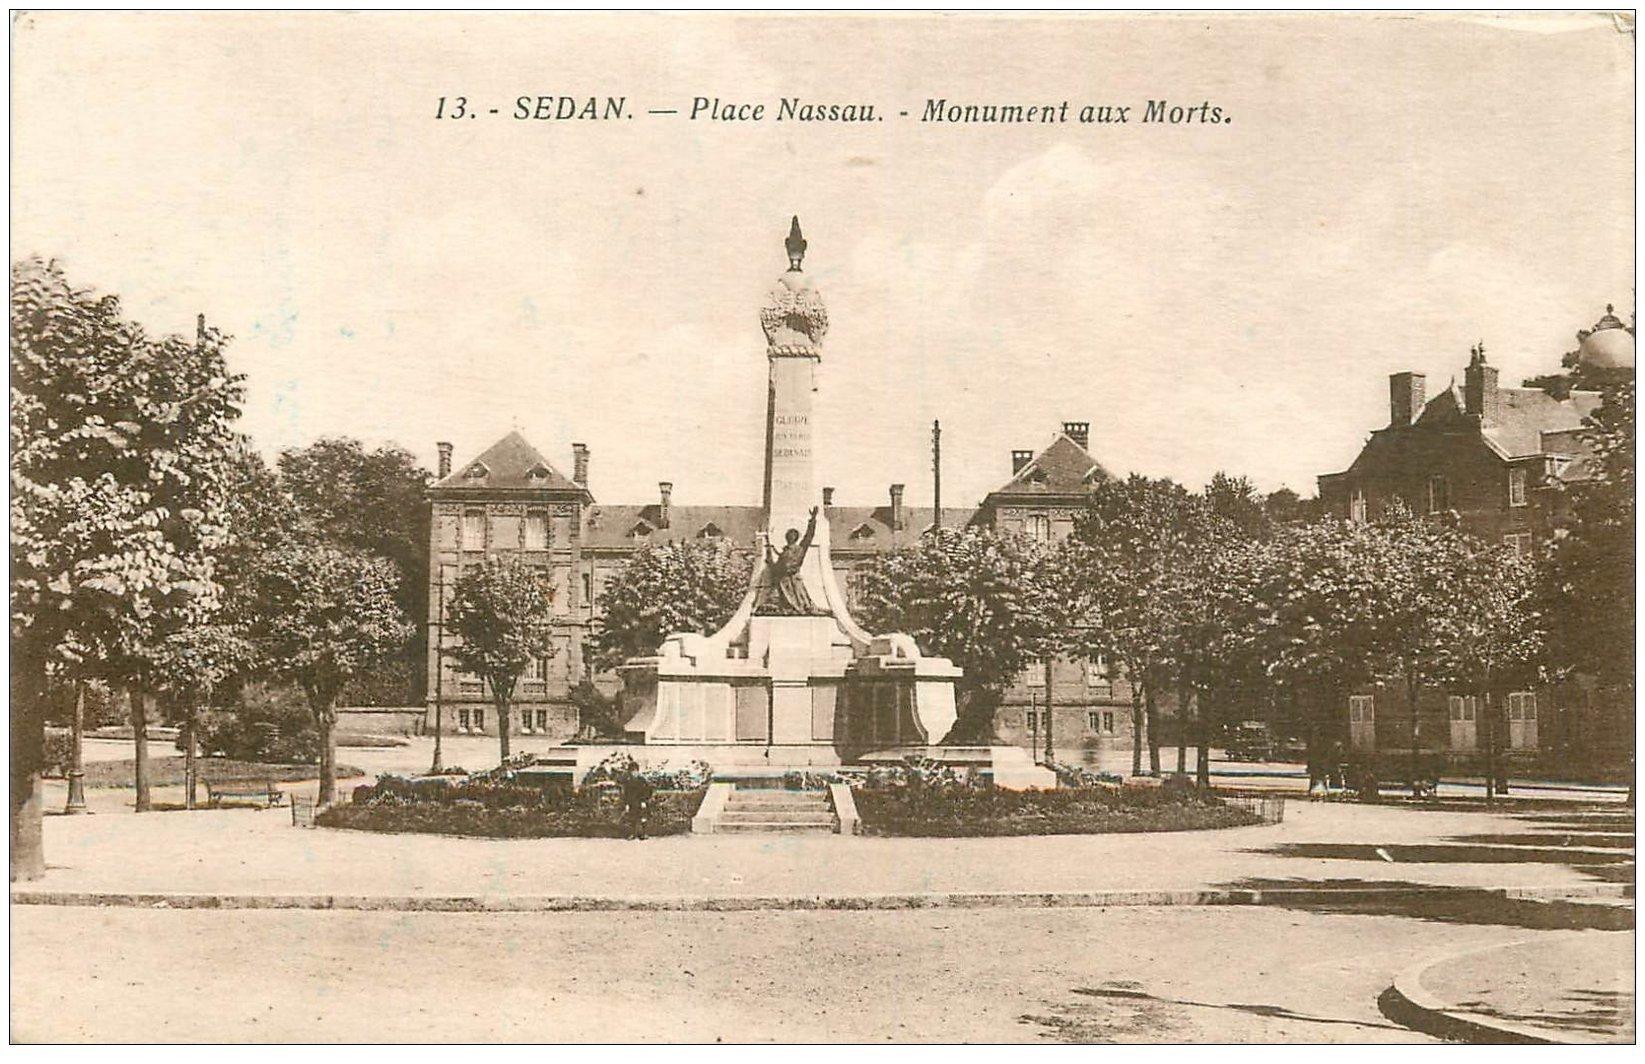 carte postale ancienne 08 SEDAN. Place Nassau Monument aux Morts